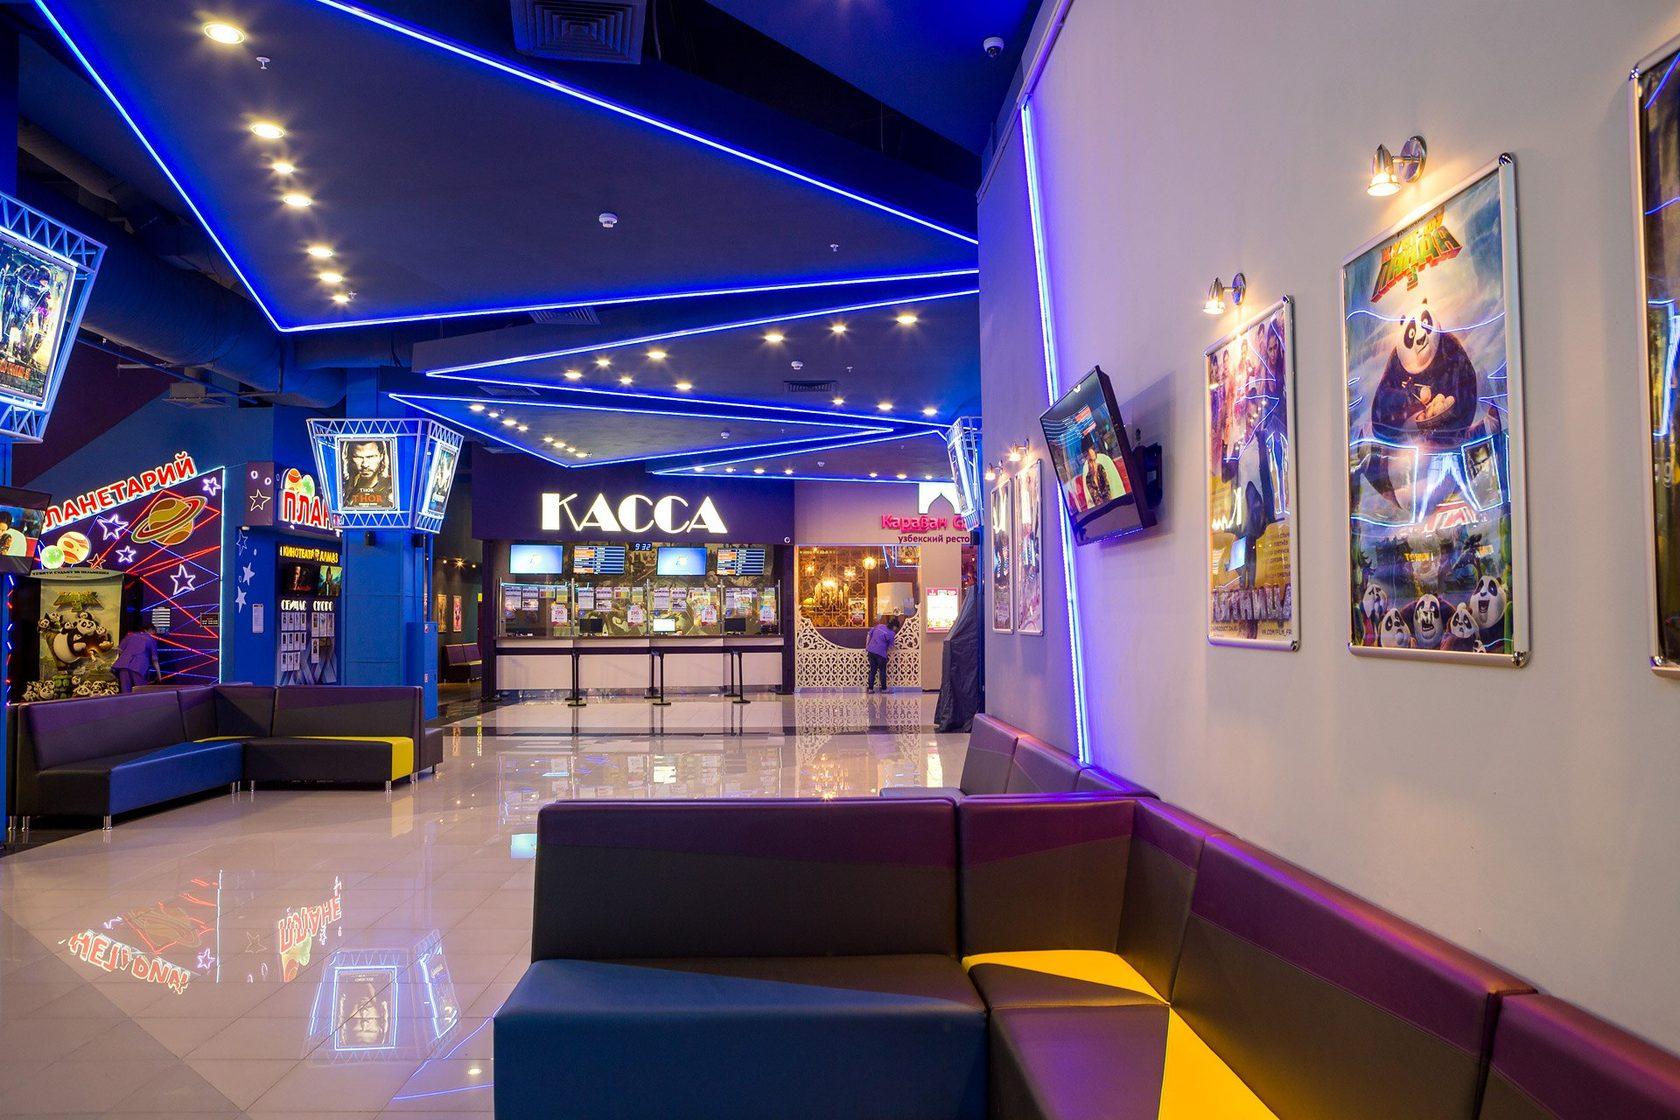 современный кинотеатр нового формата откроется в Depo уже 1 июня